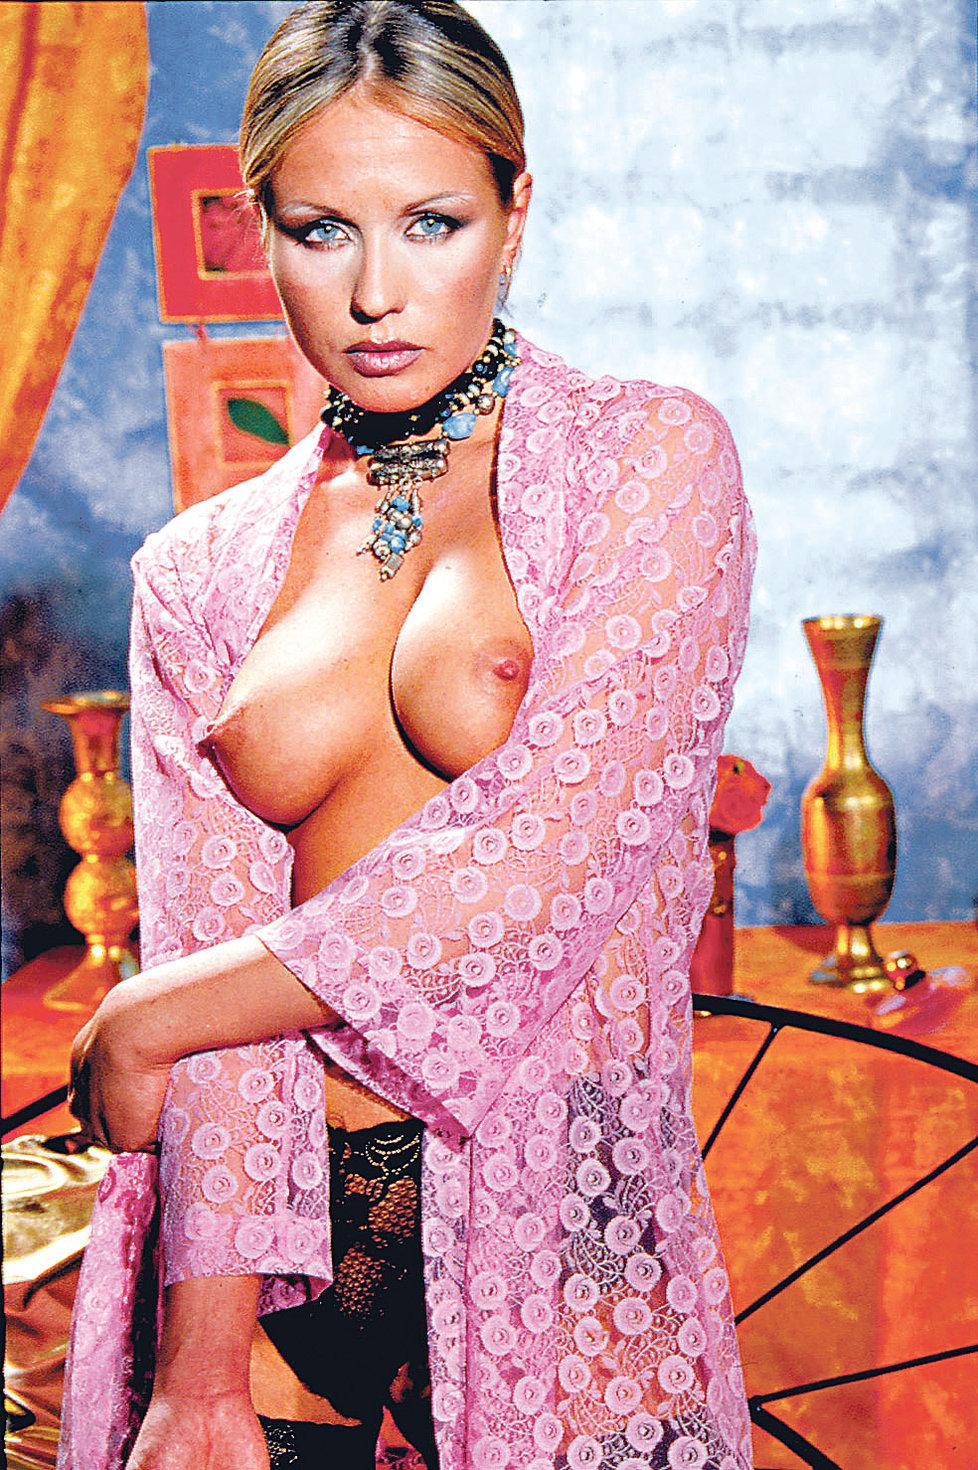 Tereza Pergnerová nafotila erotické snímky roku 2002 pro časopis Leo.